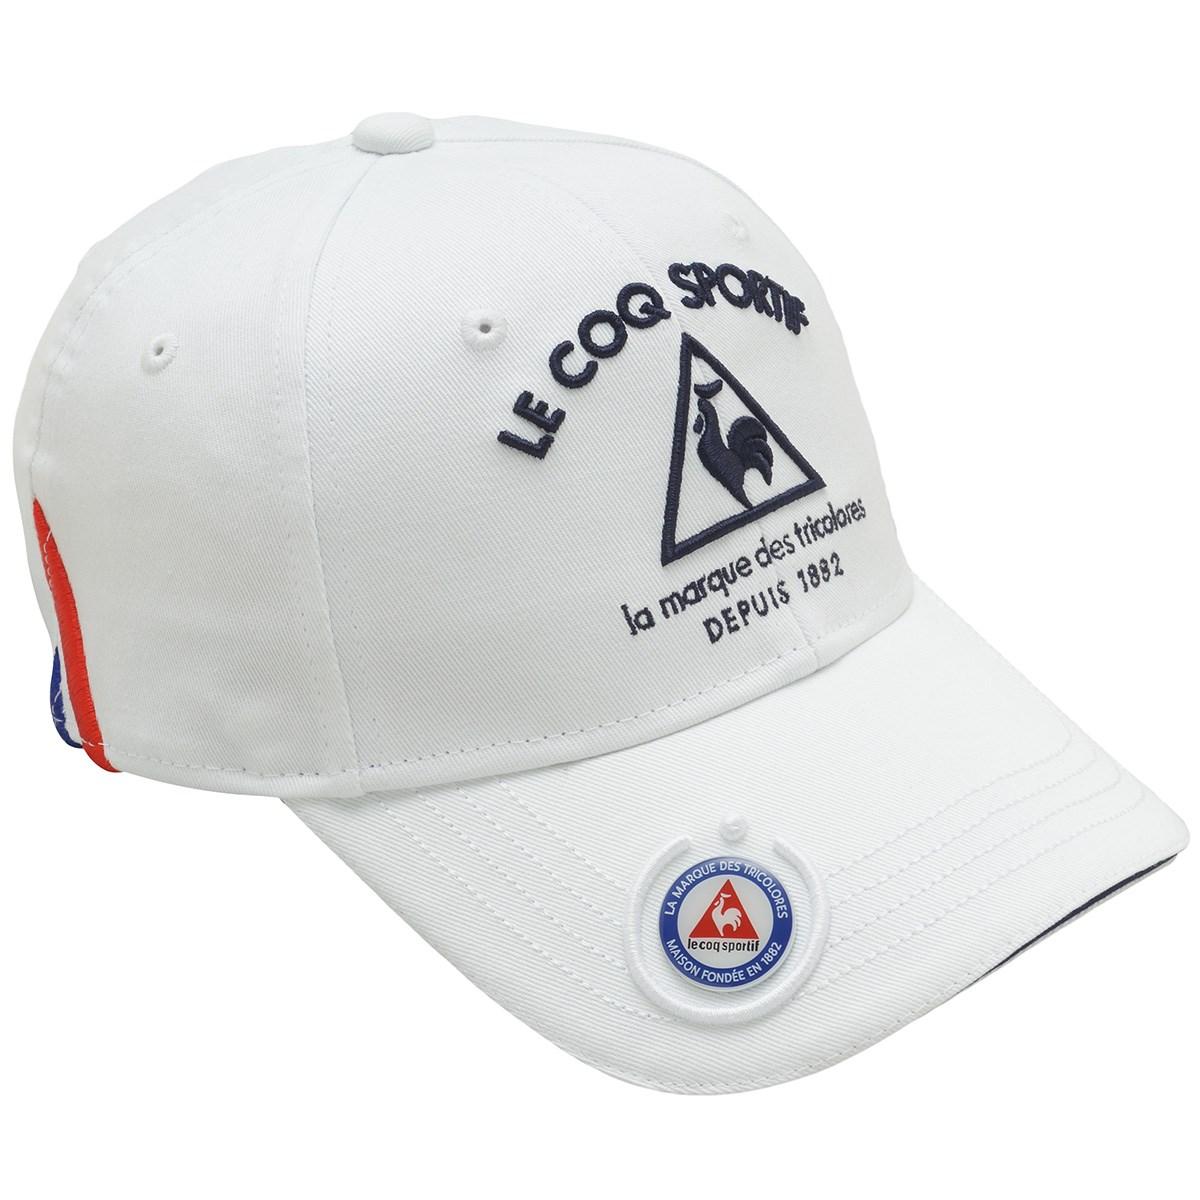 ルコックゴルフ Le coq sportif GOLF コットンツイルマーカー付きキャップ フリー ホワイト 00 レディス